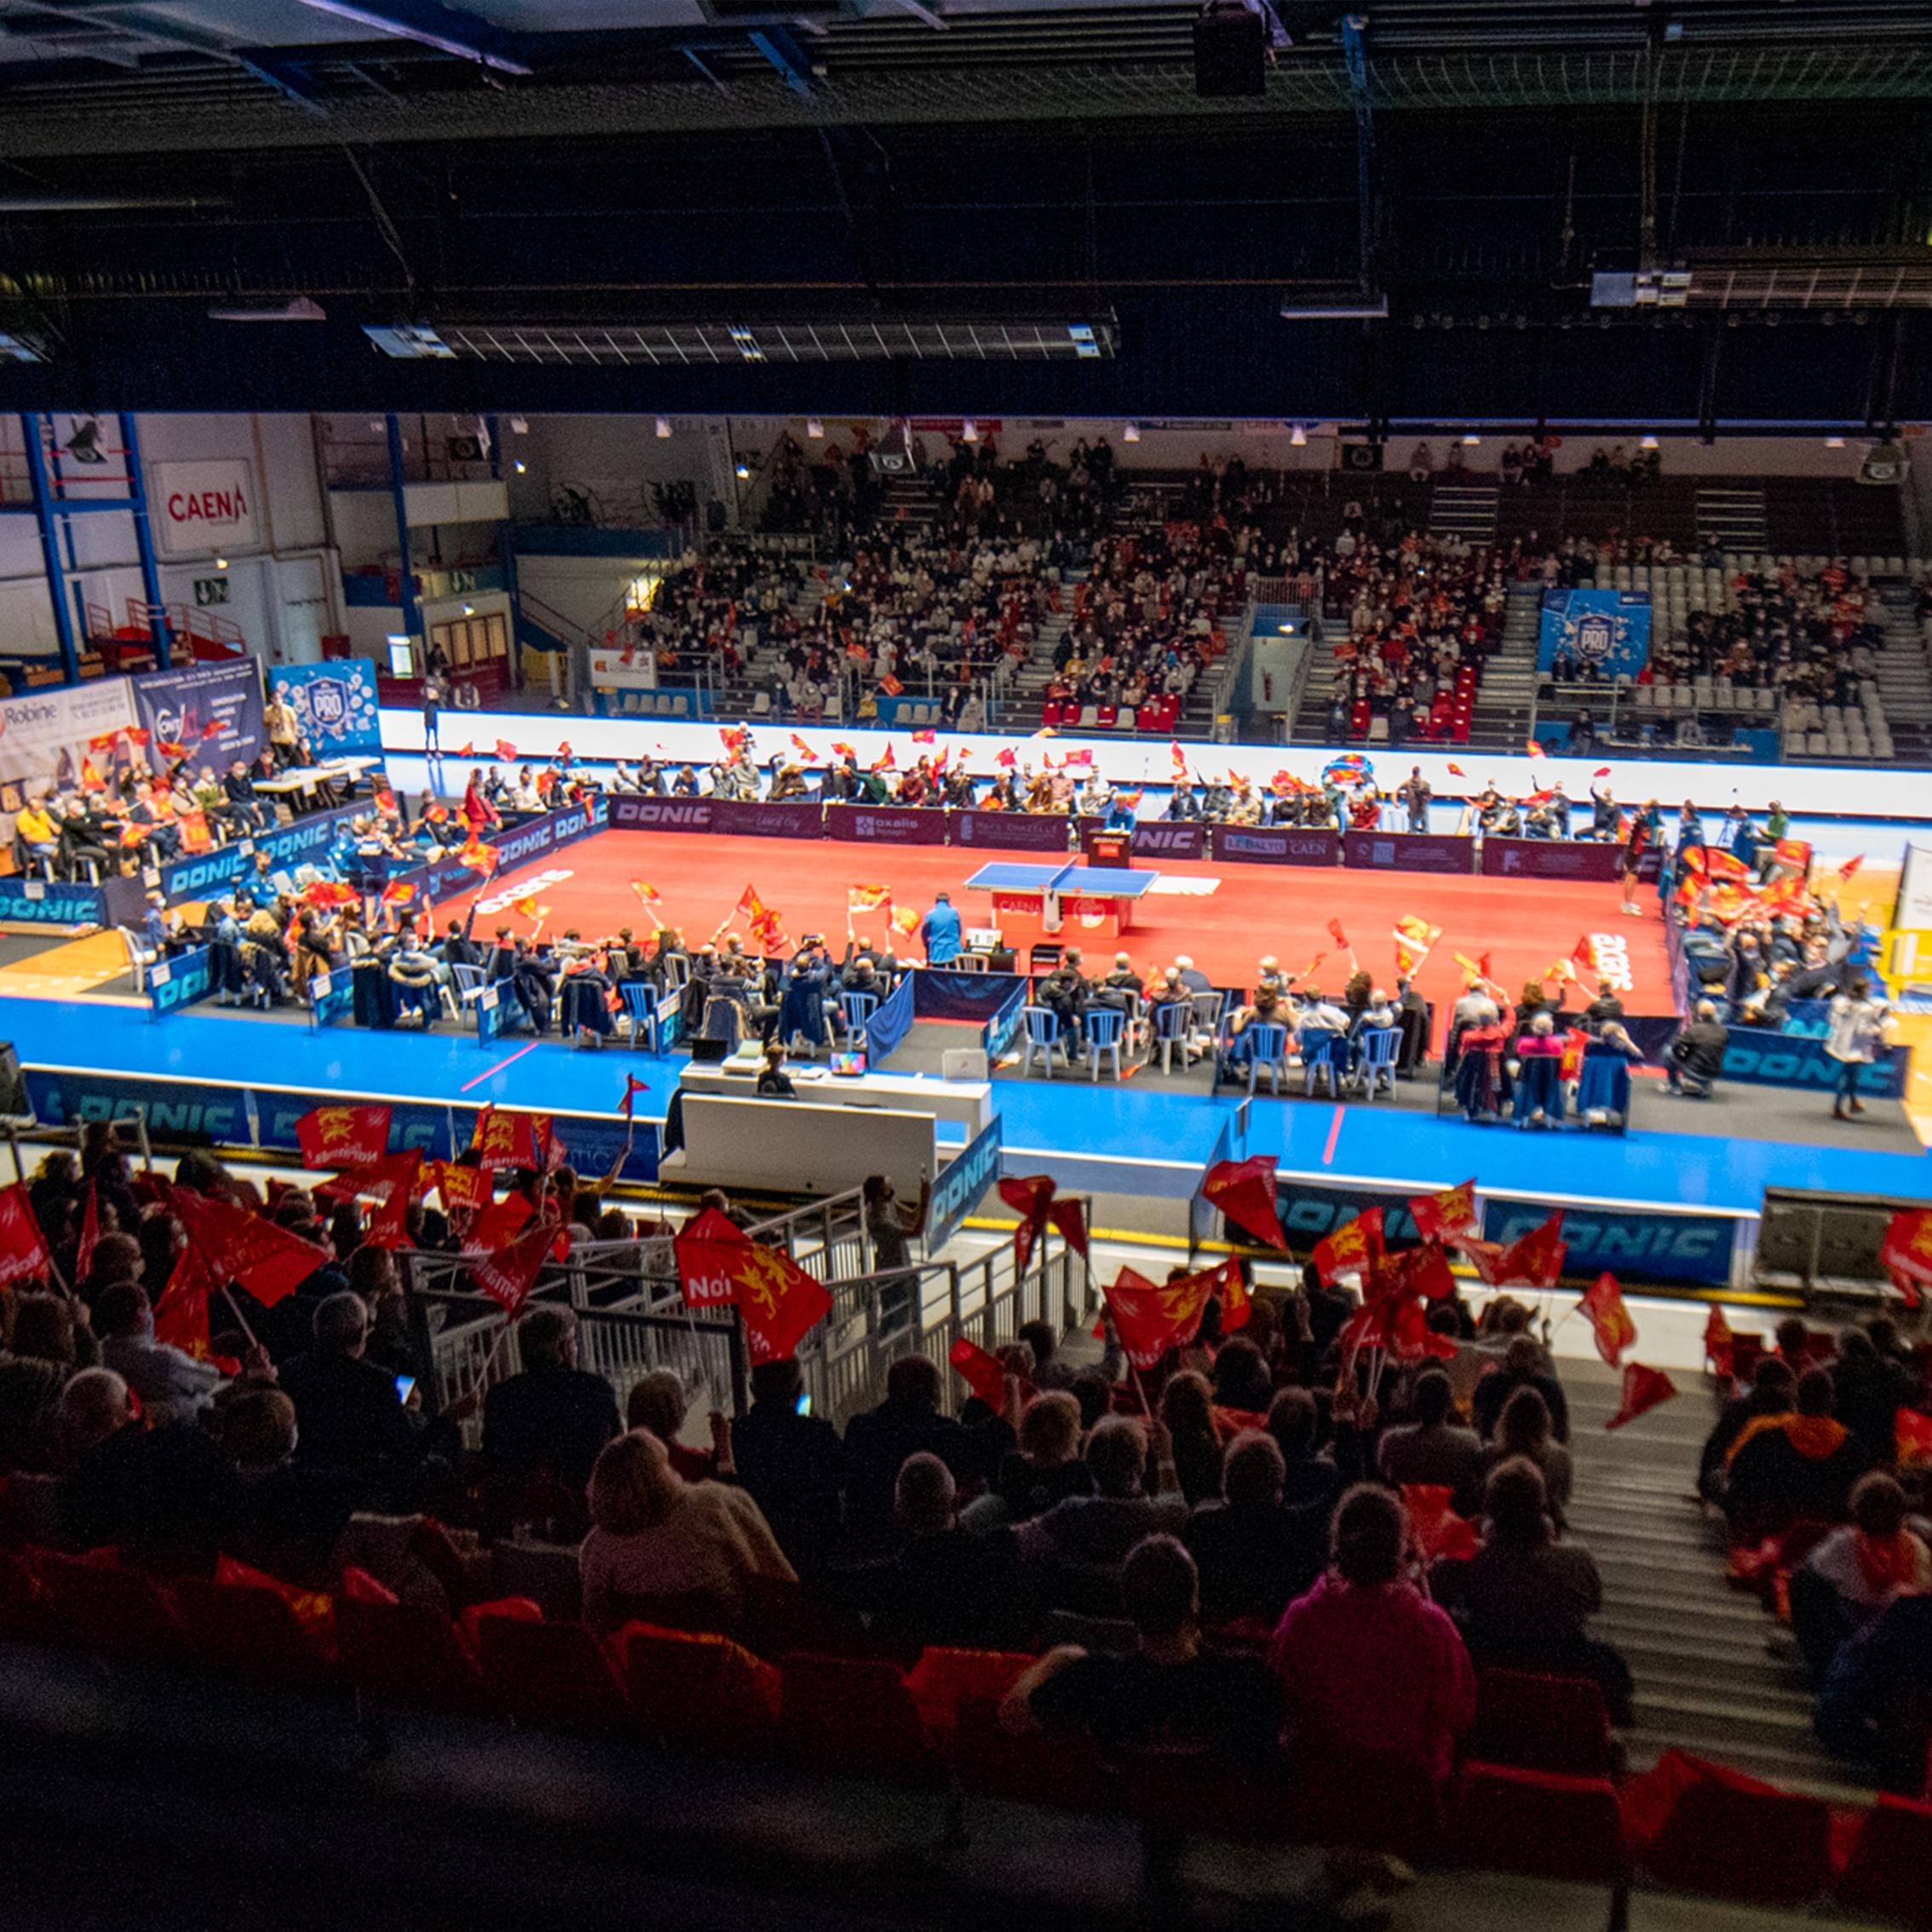 Palais des Sport Caen